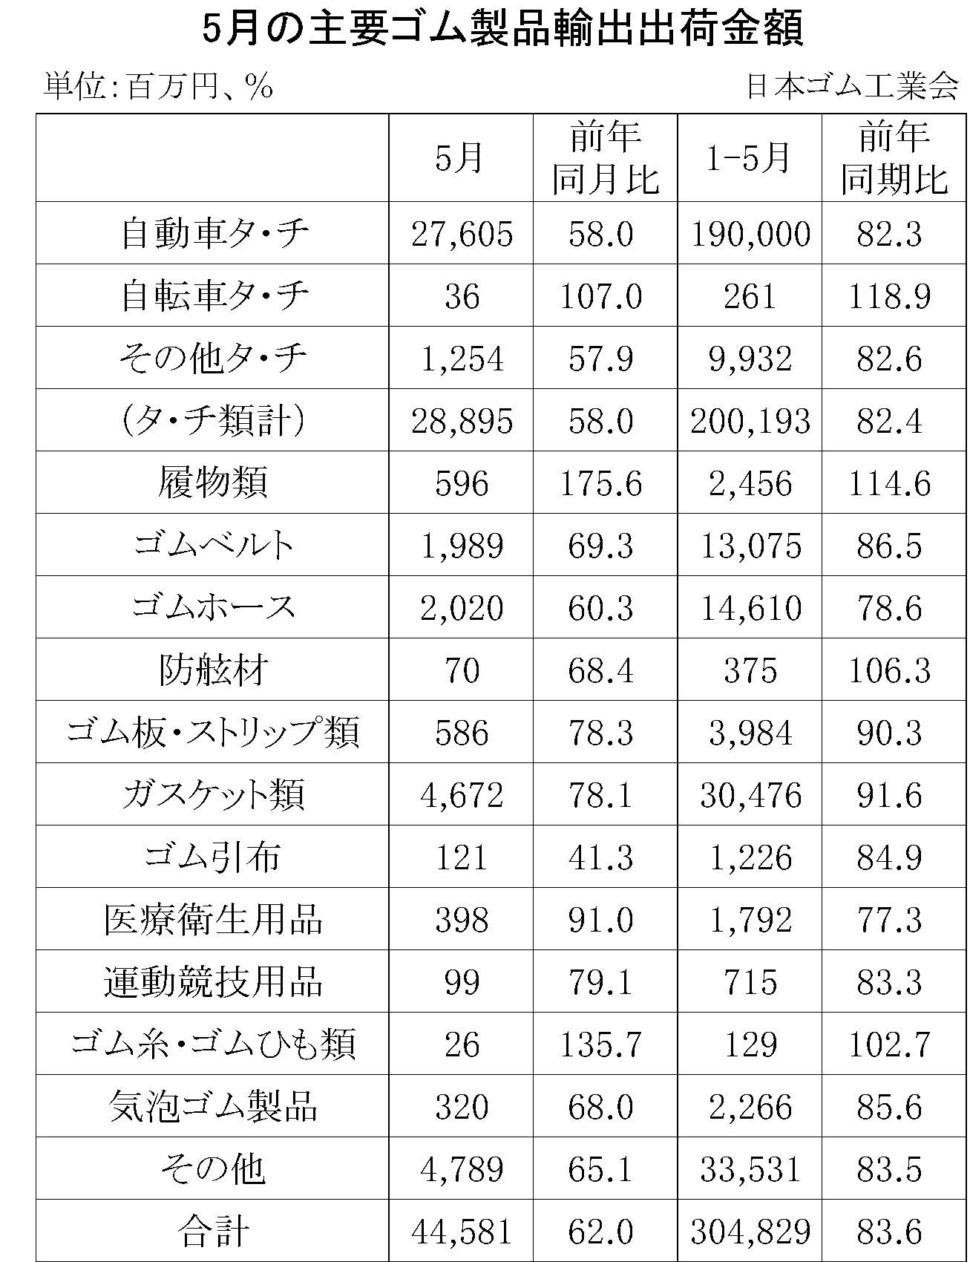 5月のゴム製品輸出